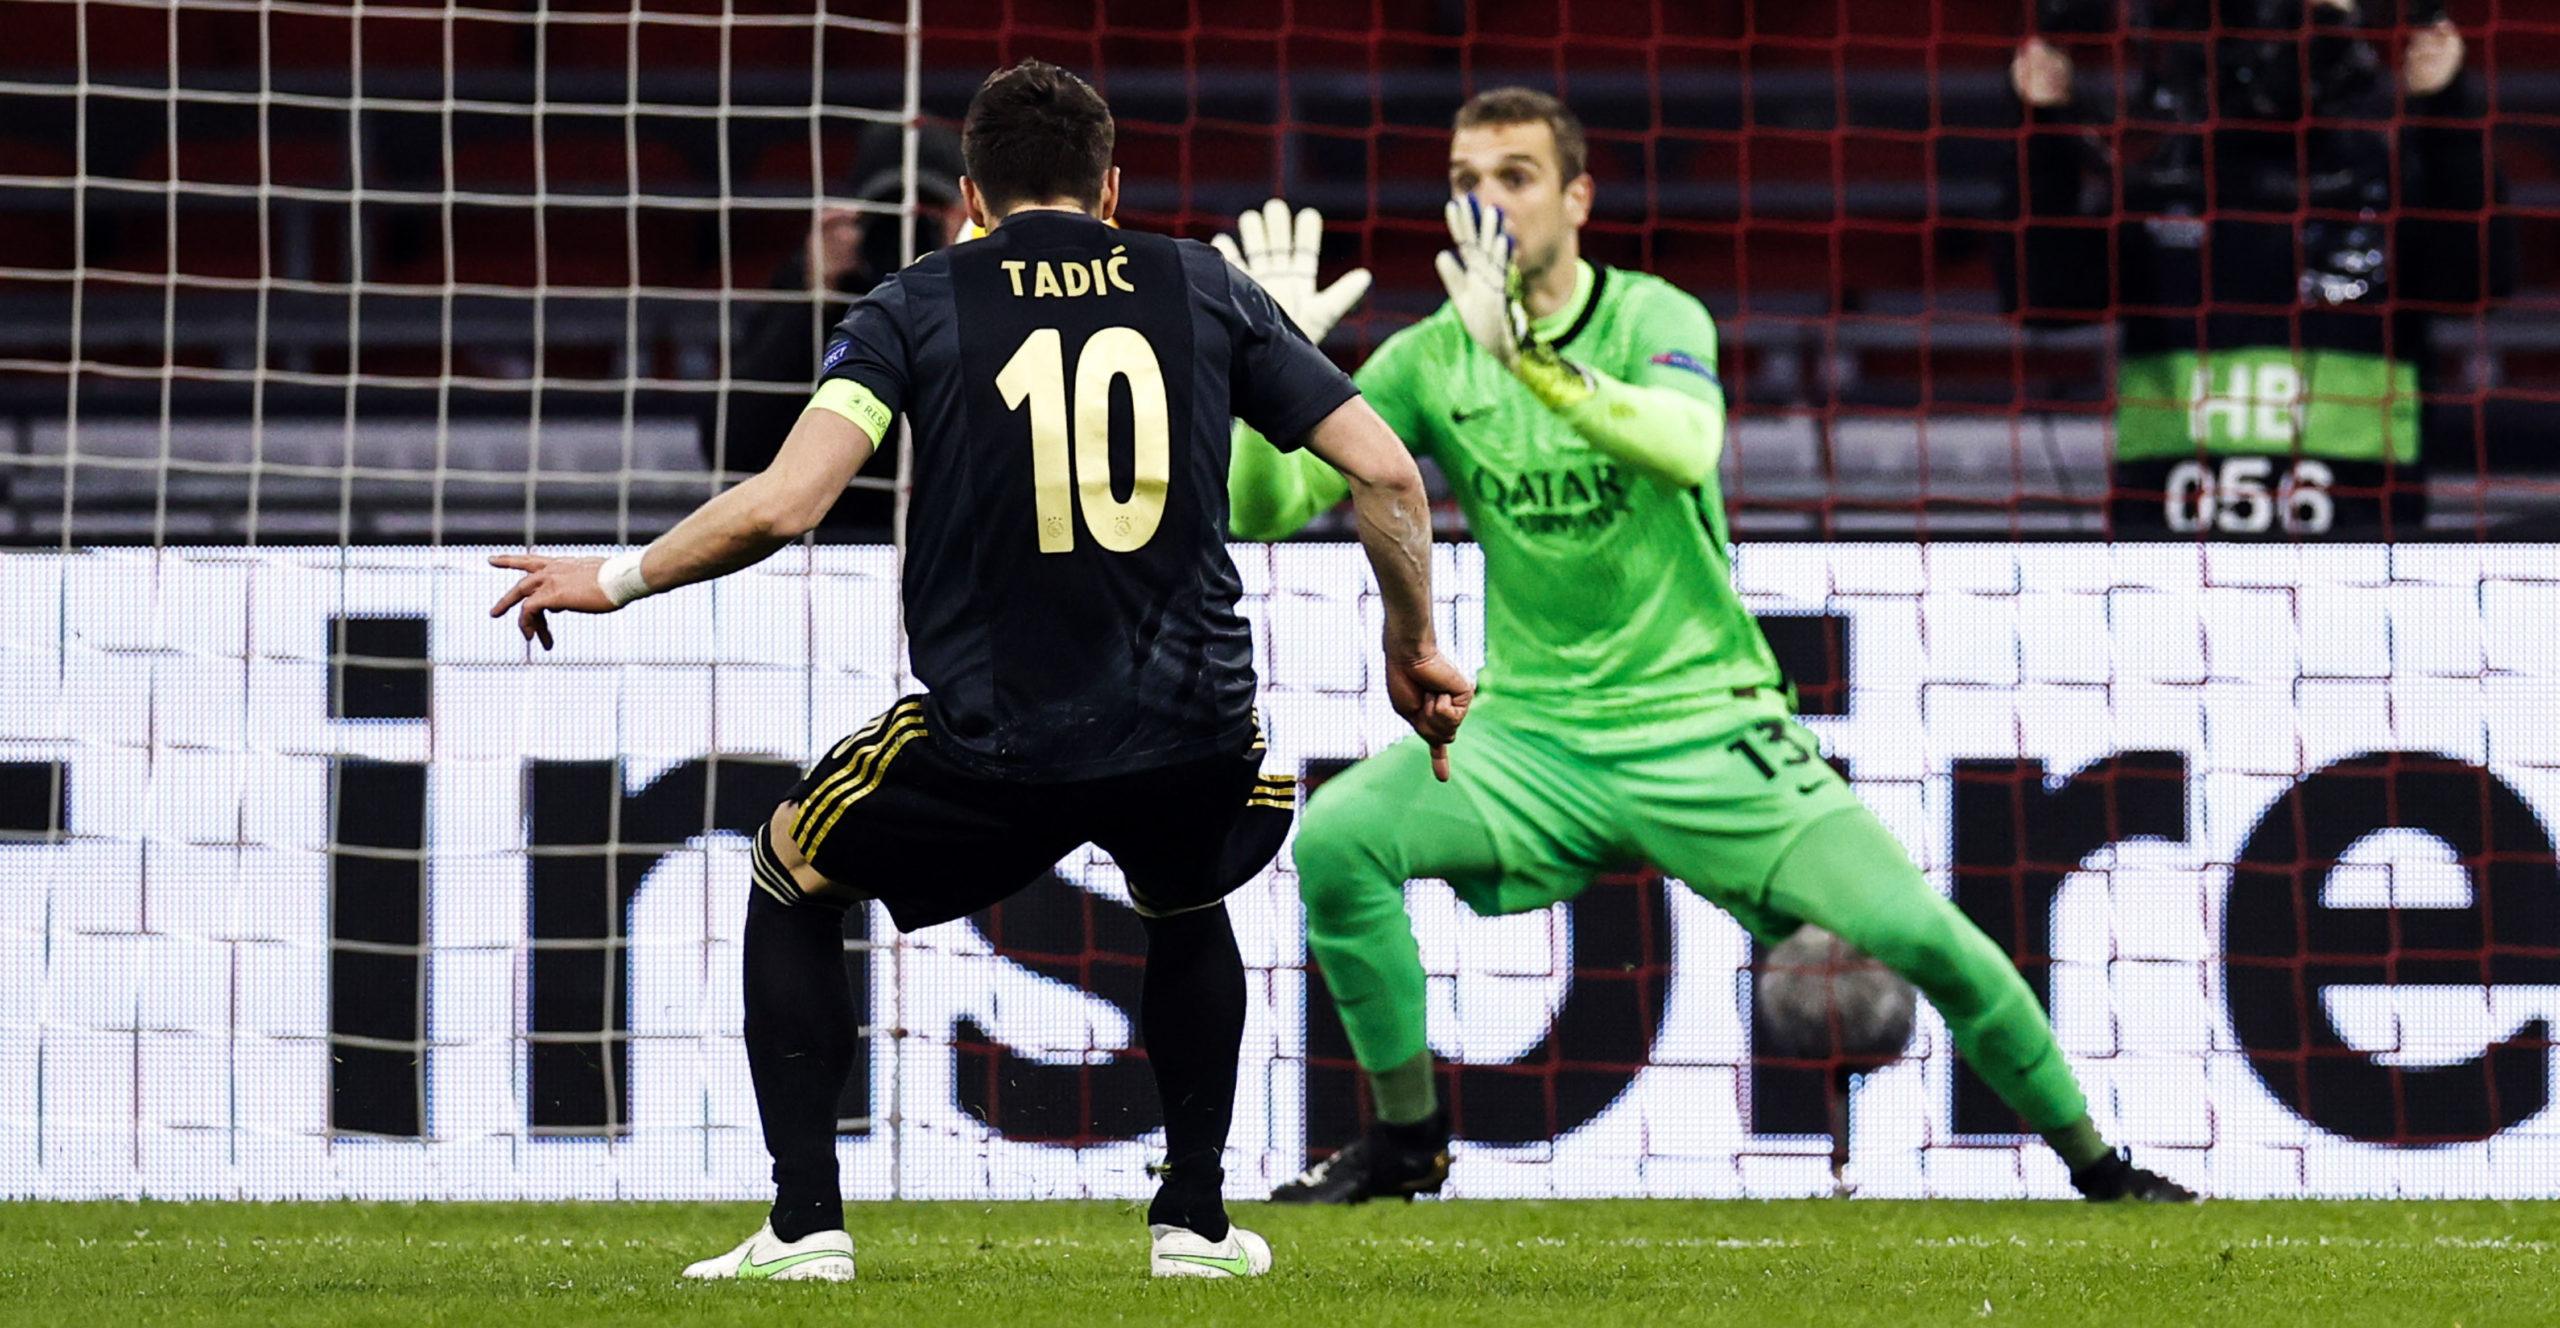 L'Ajax doit réaliser un exploit ce jeudi face à l'AS Roma en quarts de finale de l'Europa League. Toutes les informations sont sur betFIRST!